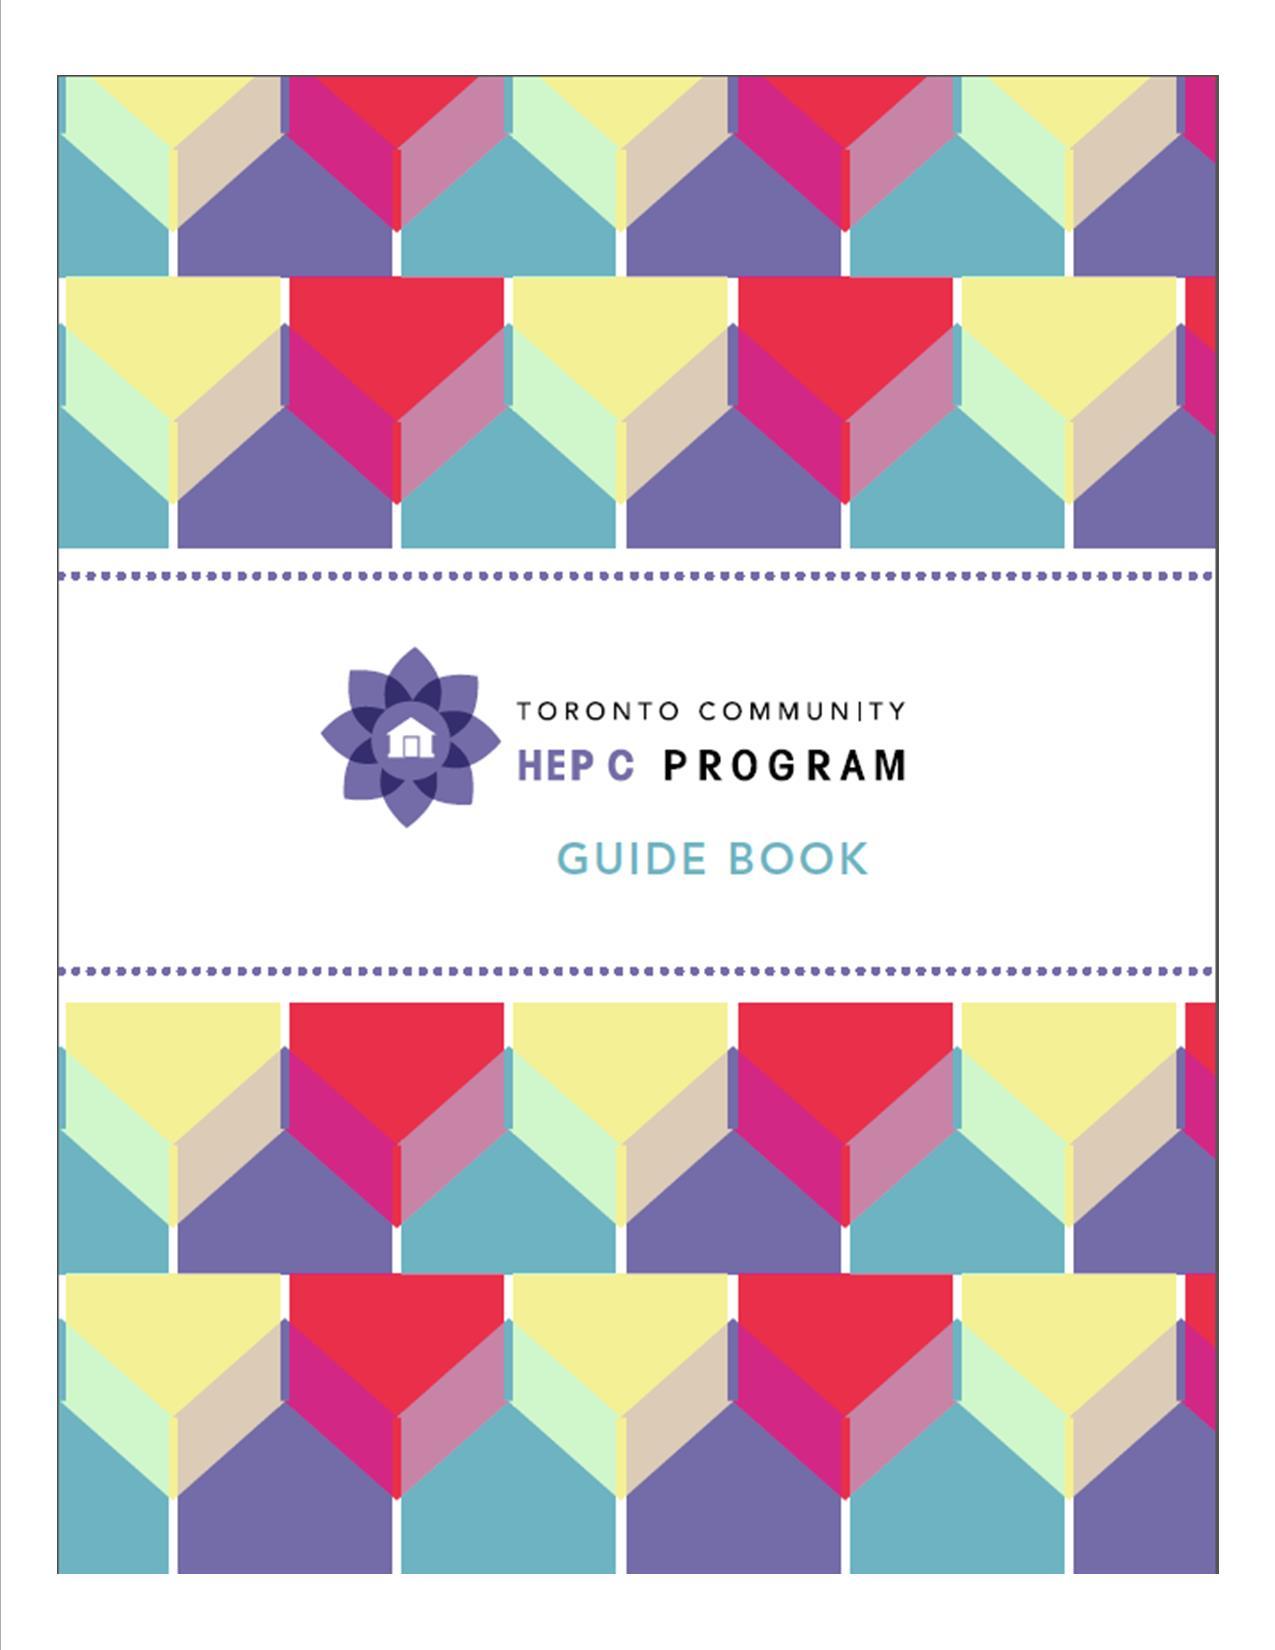 Toronto Community Hep C Program Guide Book